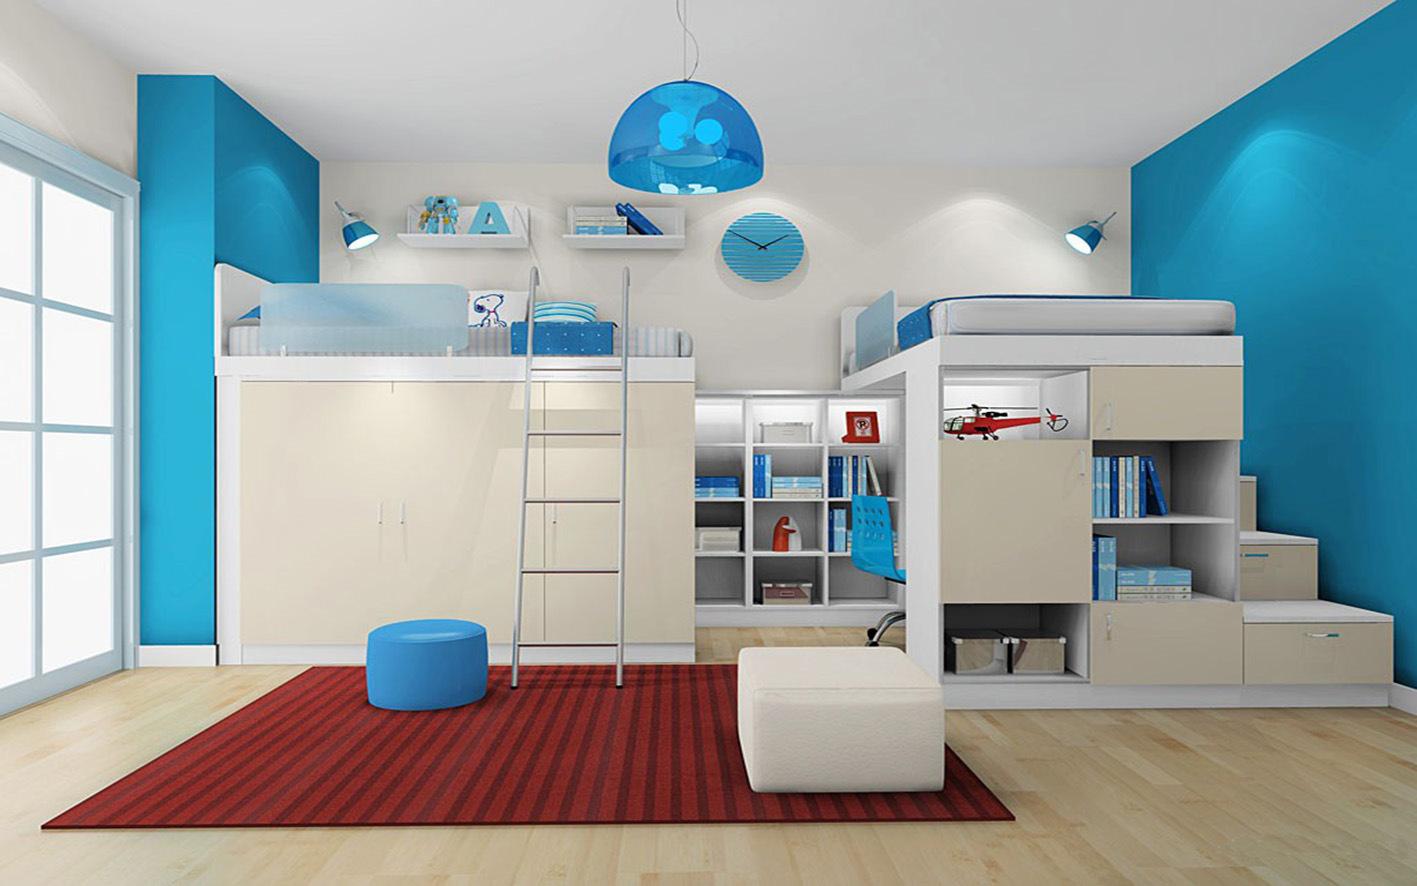 Italianos inicio melamina muebles de dormitorio cama para ni os et 009 italianos inicio - Muebles dormitorio ninos ...